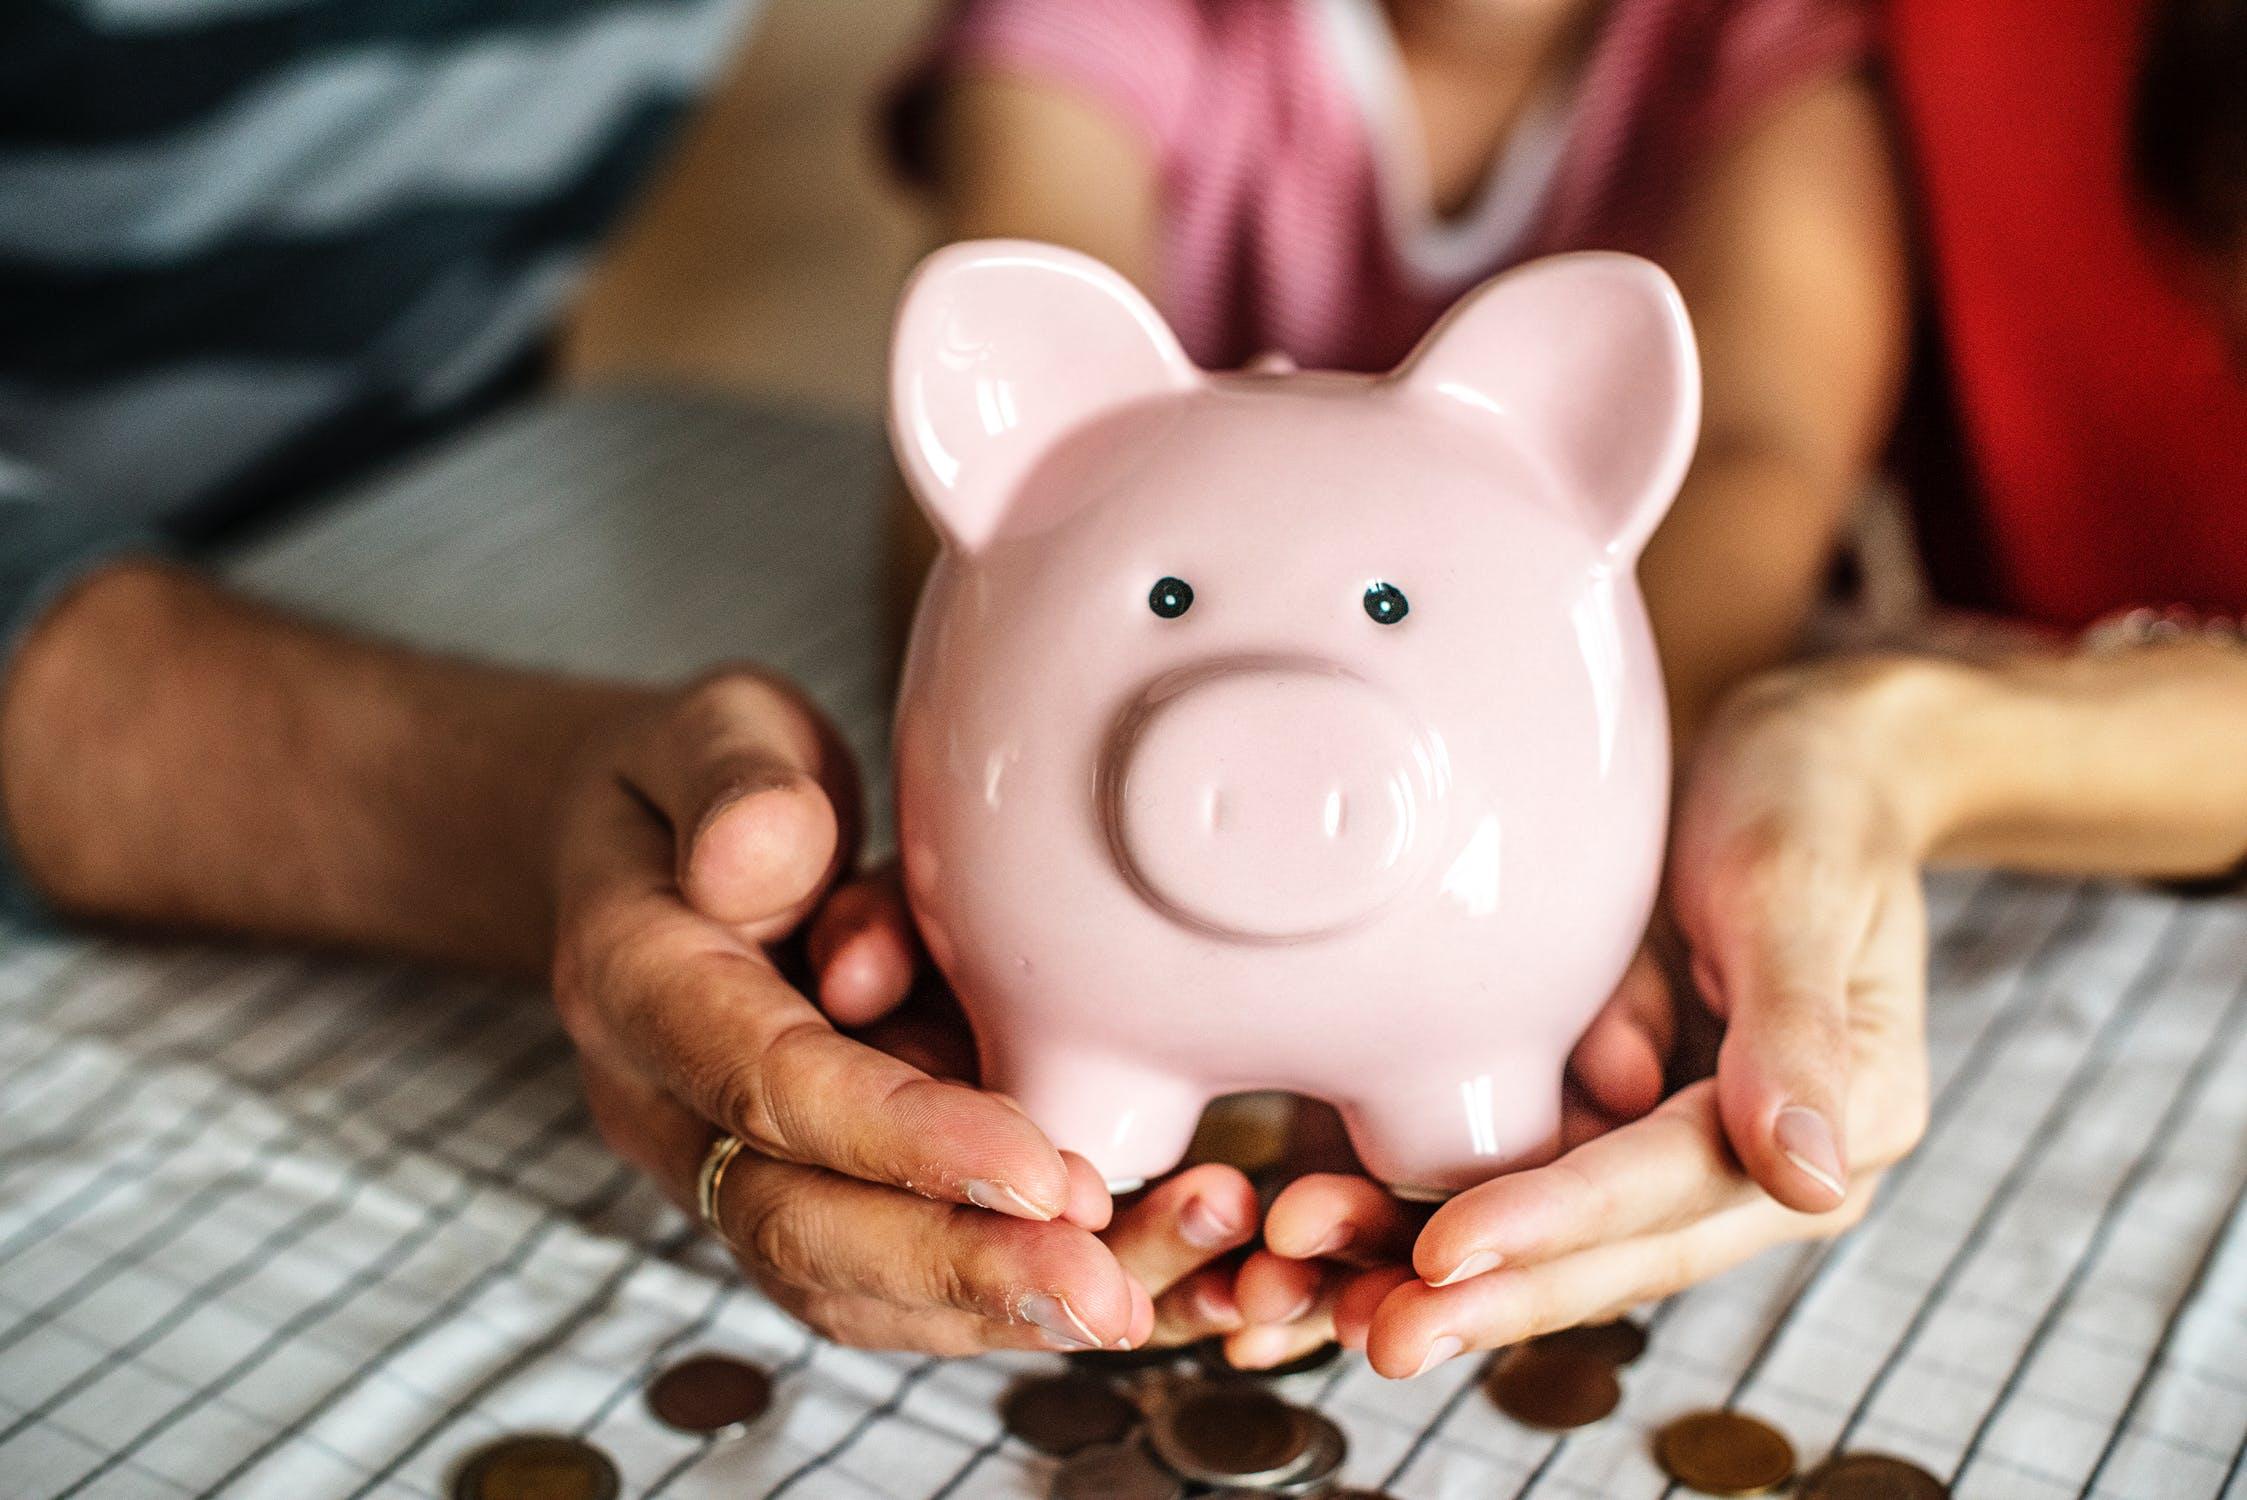 nopelnīt pāris naudas kā nopelnīt naudu par jebko